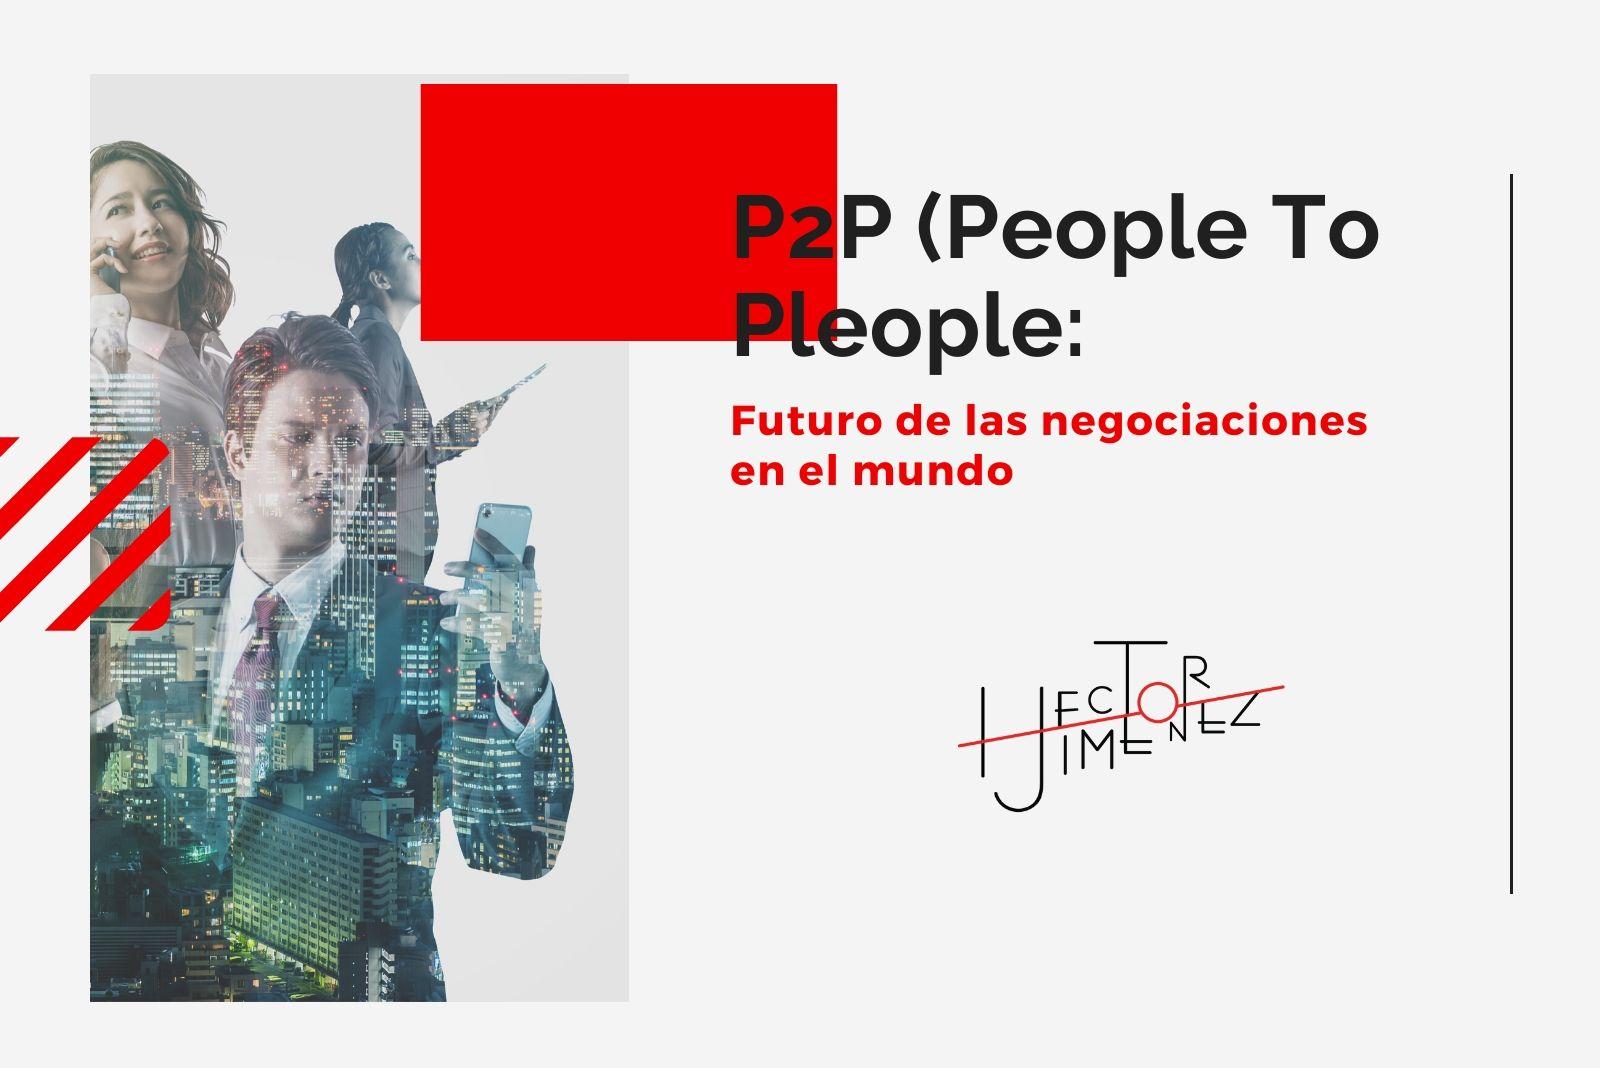 Hector Jimenez - P2P - Futuro de las negociaciones en el mundo 1